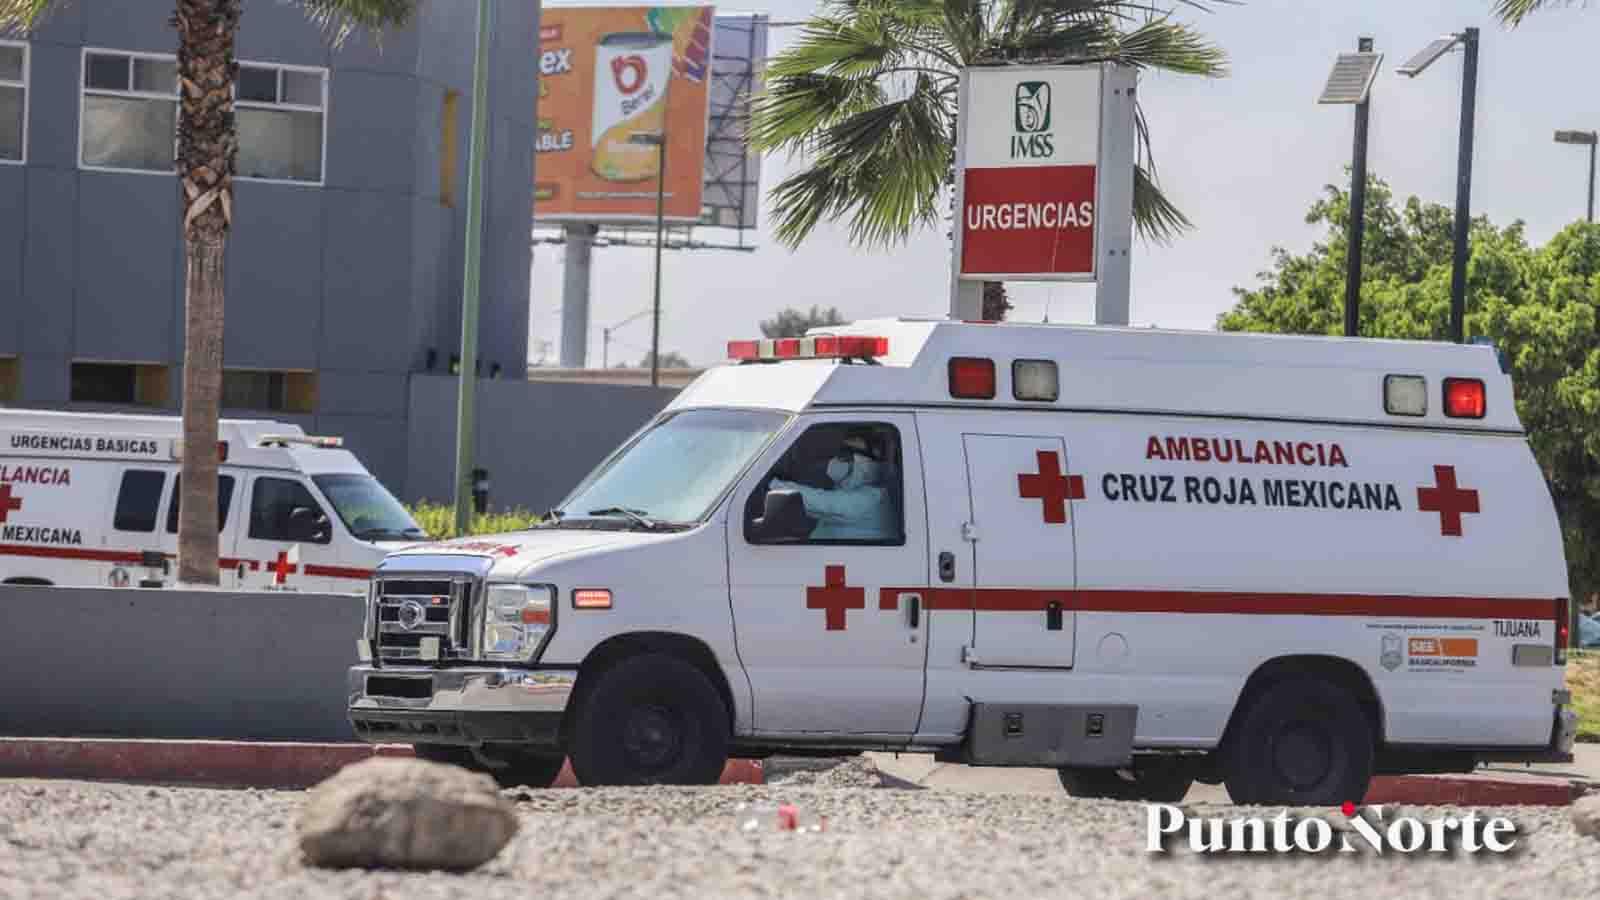 Paciente con COVID escapó de hospital en Tijuana